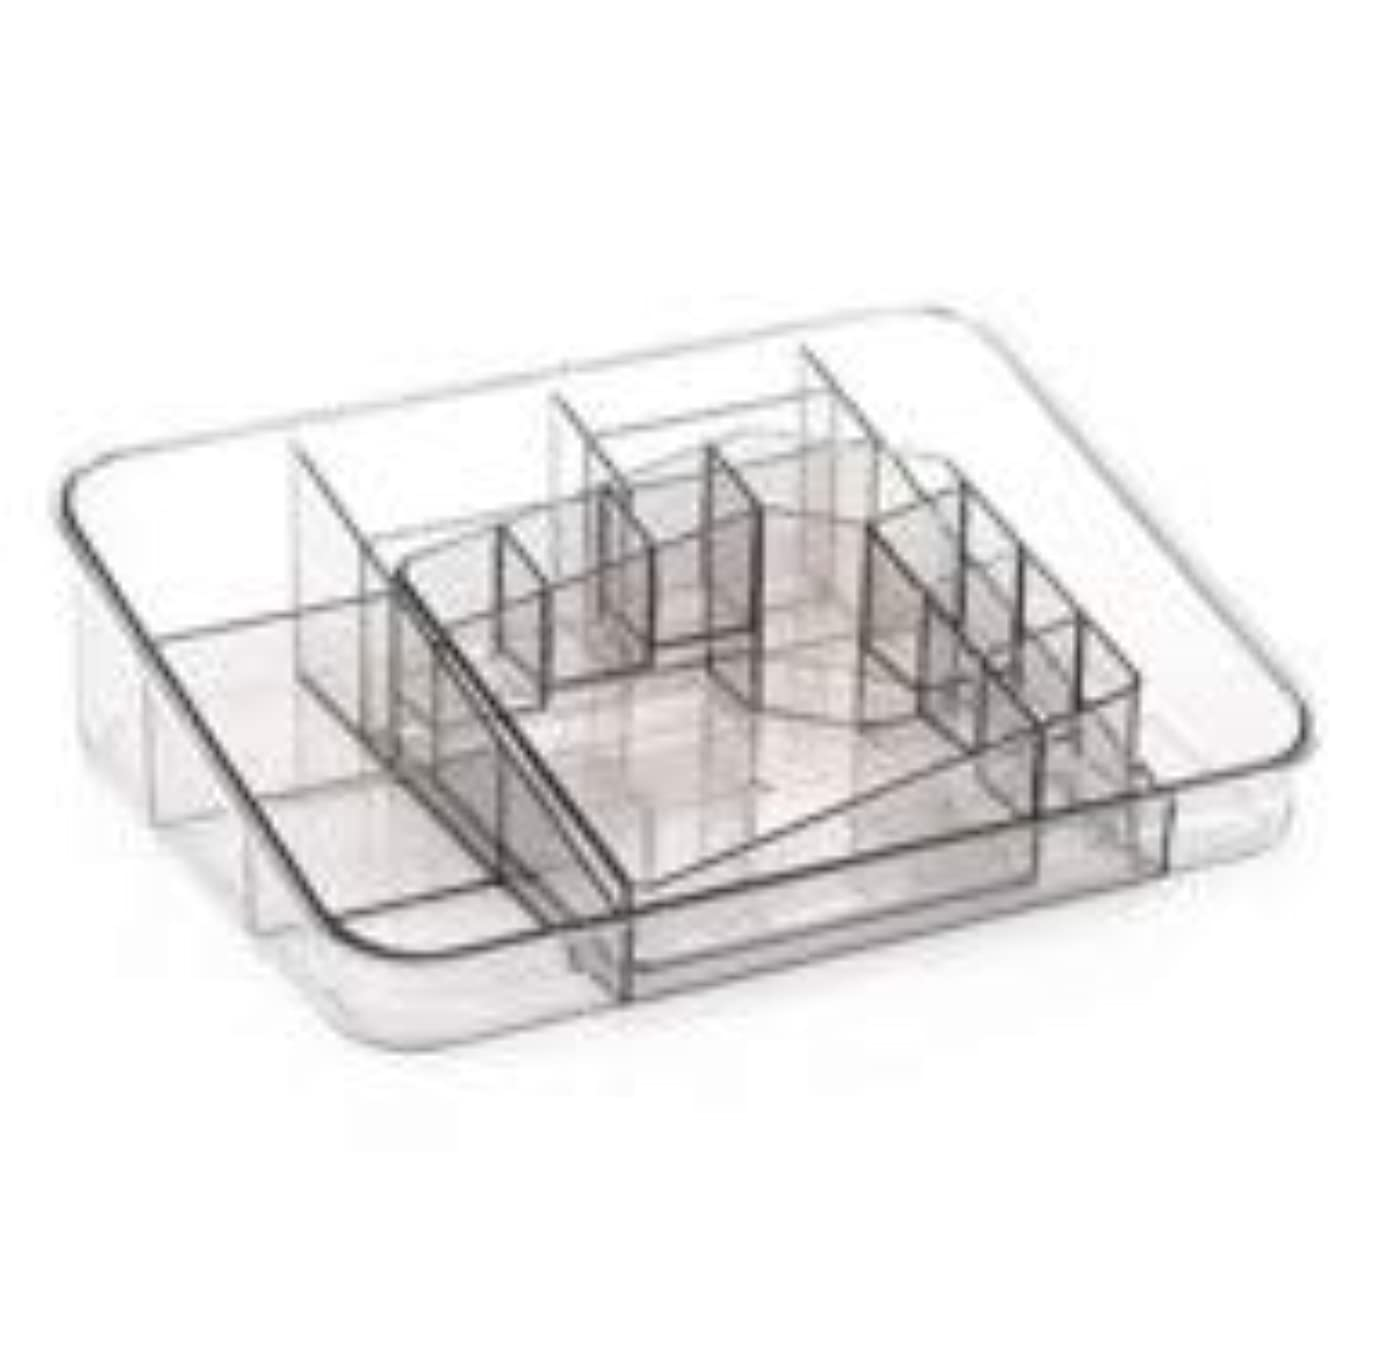 ファイルクラススペード透明アクリル化粧品収納ボックスサイズの組み合わせツーピース多分割化粧品デスクトップ仕上げボックス (Color : グレー)